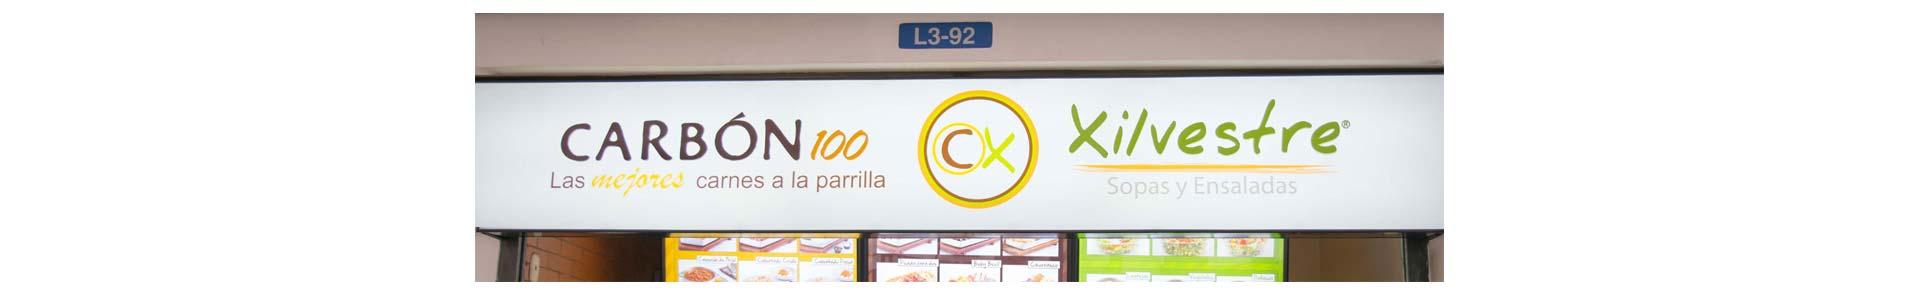 _Formato-header-carbon100